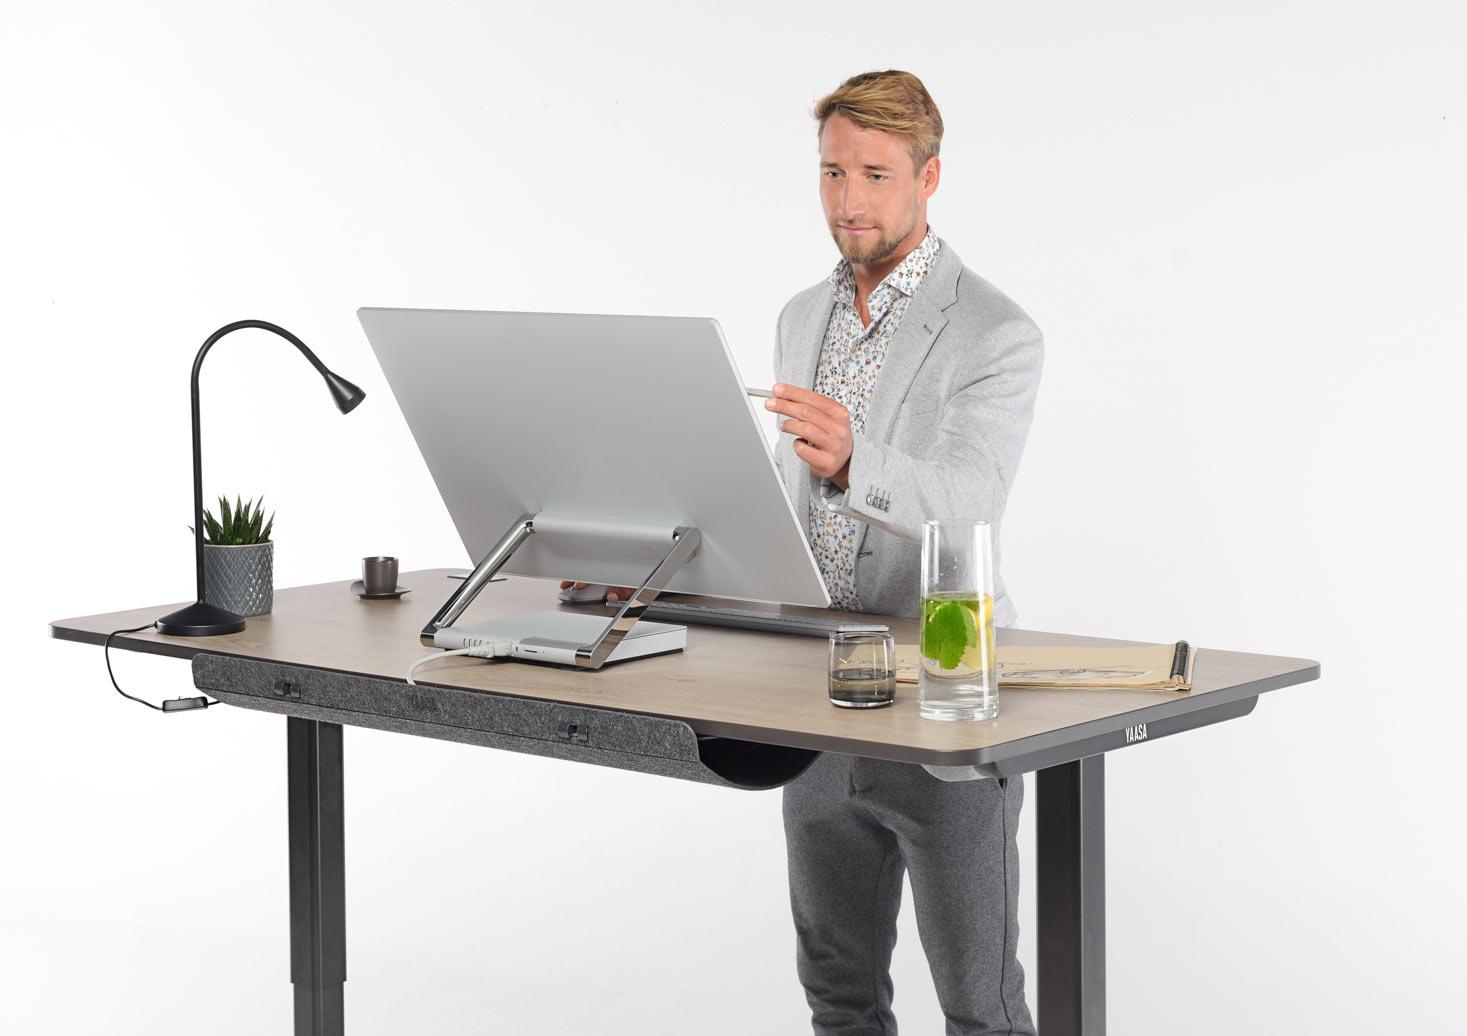 Du kannst im Stehen an deinem Yaasa Desk arbeiten und die Position immer ändern.